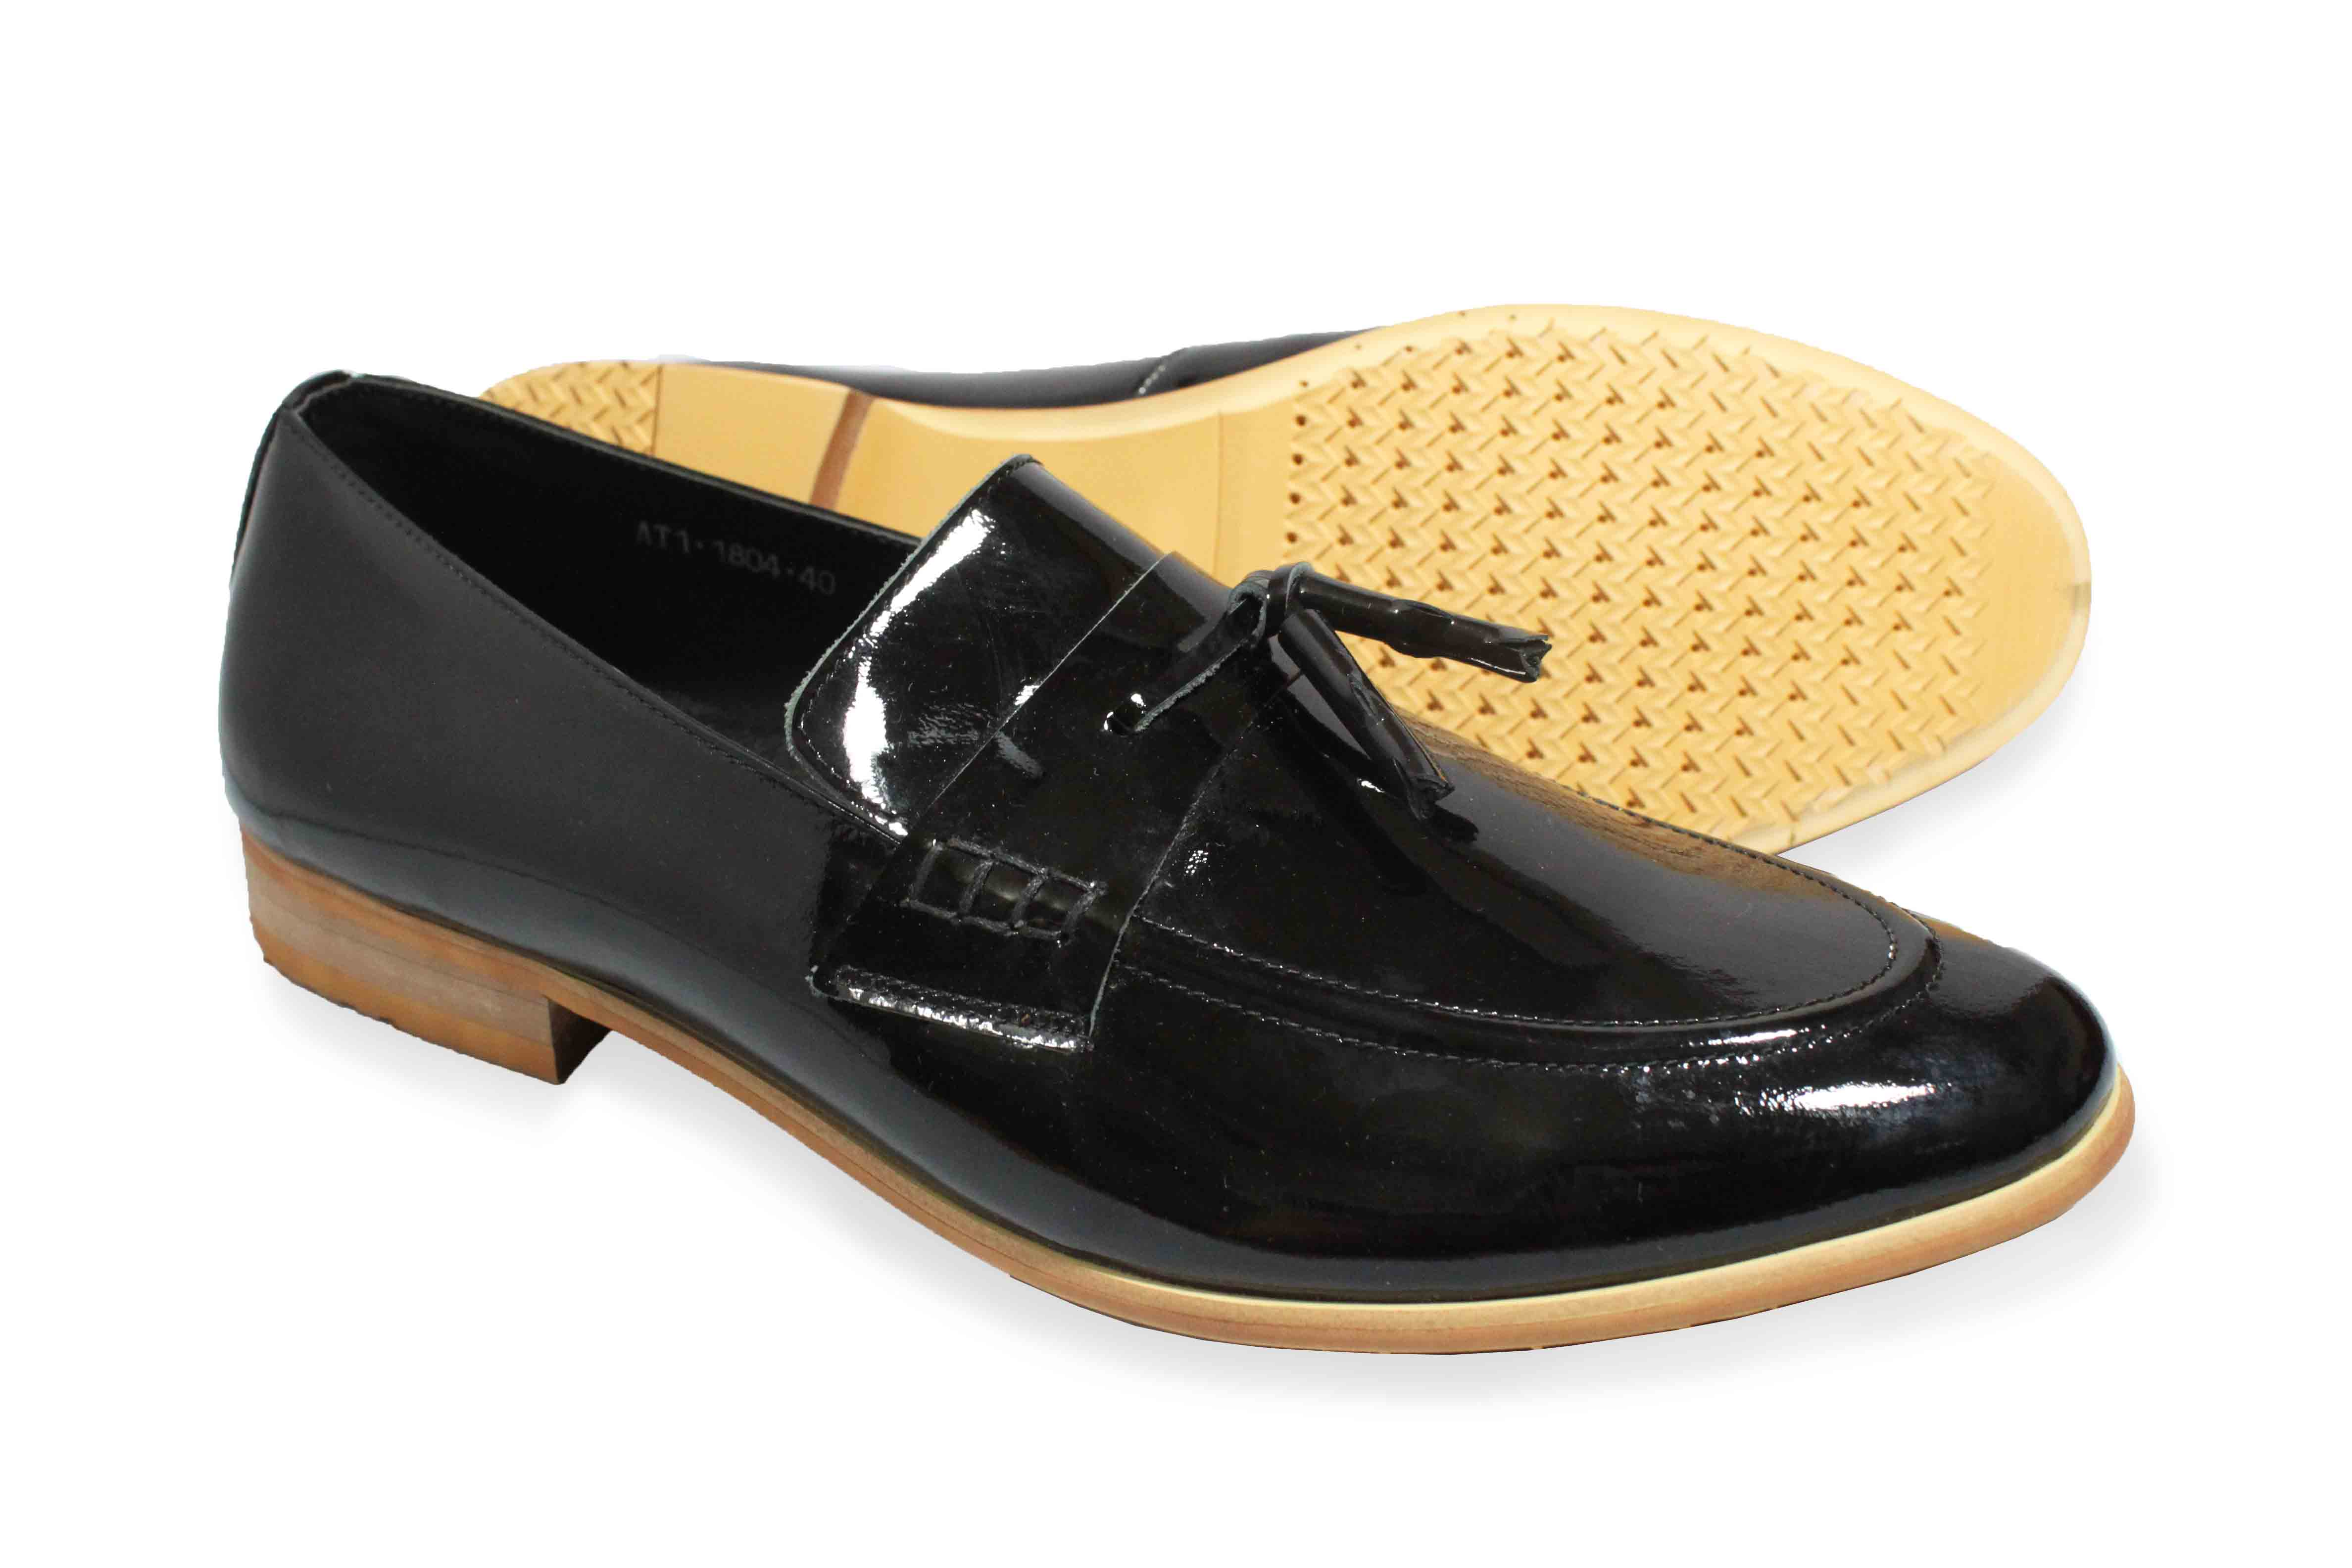 giày da bóng nơ chuông